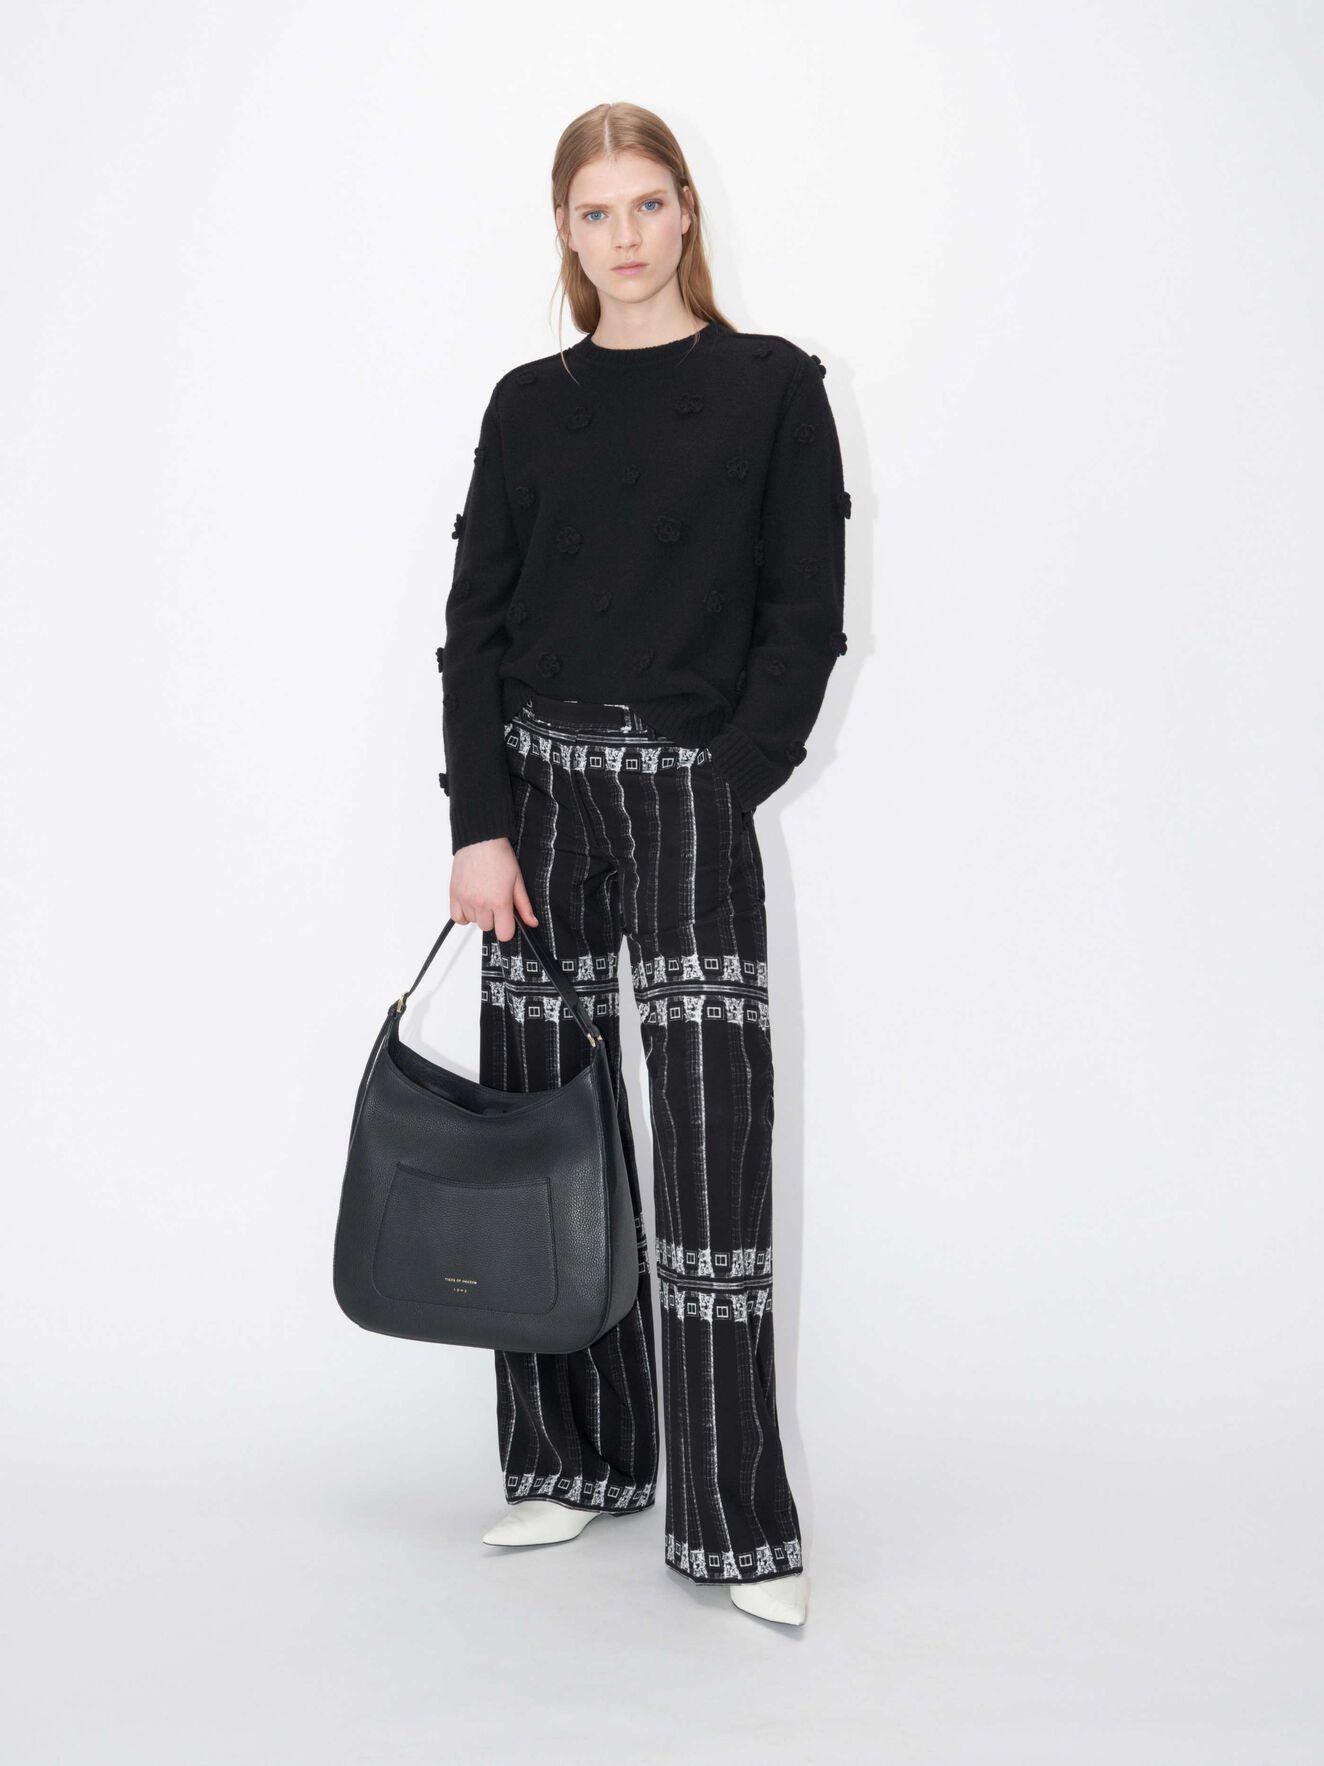 2210ce4c Tøj - Køb designertøj til damer fra Tiger of Sweden i netbutikken